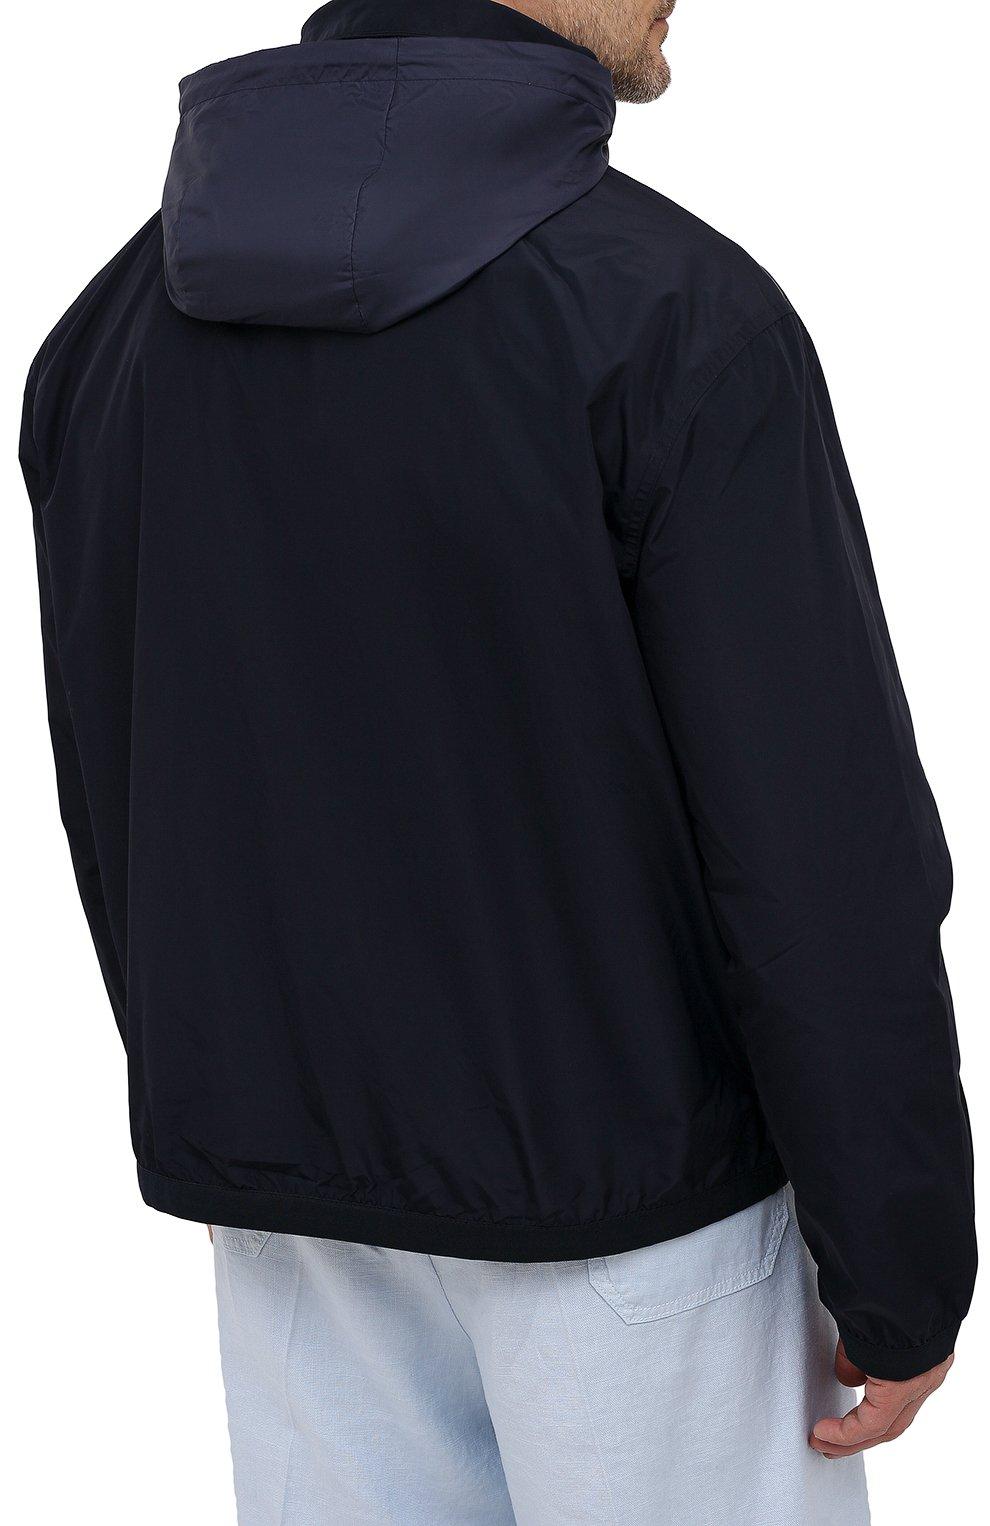 Мужской бомбер POLO RALPH LAUREN темно-синего цвета, арт. 711777217/PRL BS | Фото 6 (Кросс-КТ: Куртка; Big sizes: Big Sizes; Рукава: Длинные; Принт: Без принта; Материал внешний: Синтетический материал; Материал подклада: Синтетический материал; Длина (верхняя одежда): Короткие; Стили: Кэжуэл)